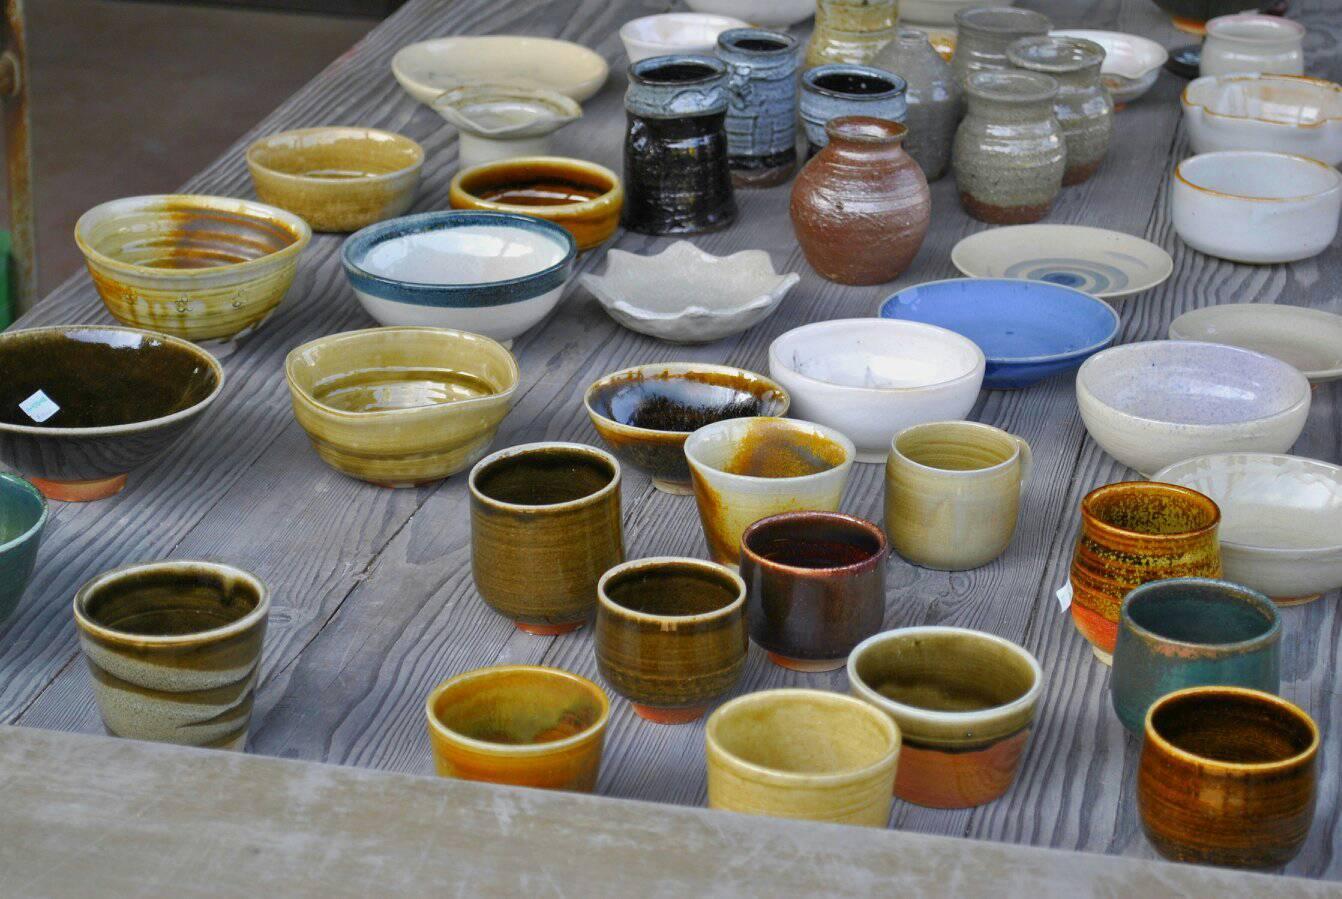 陶芸体験の写真 並べられた陶芸の作品